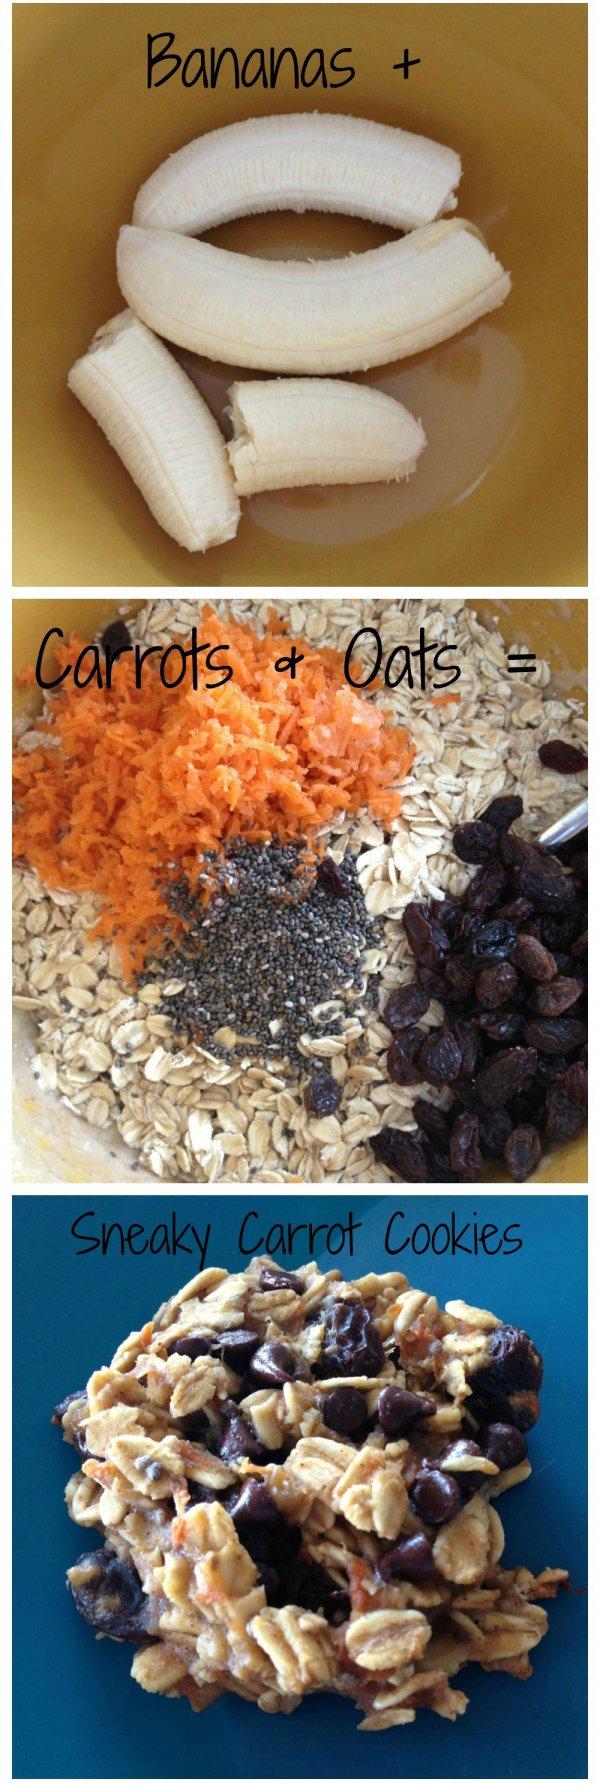 Sneaky Carrot Cookies